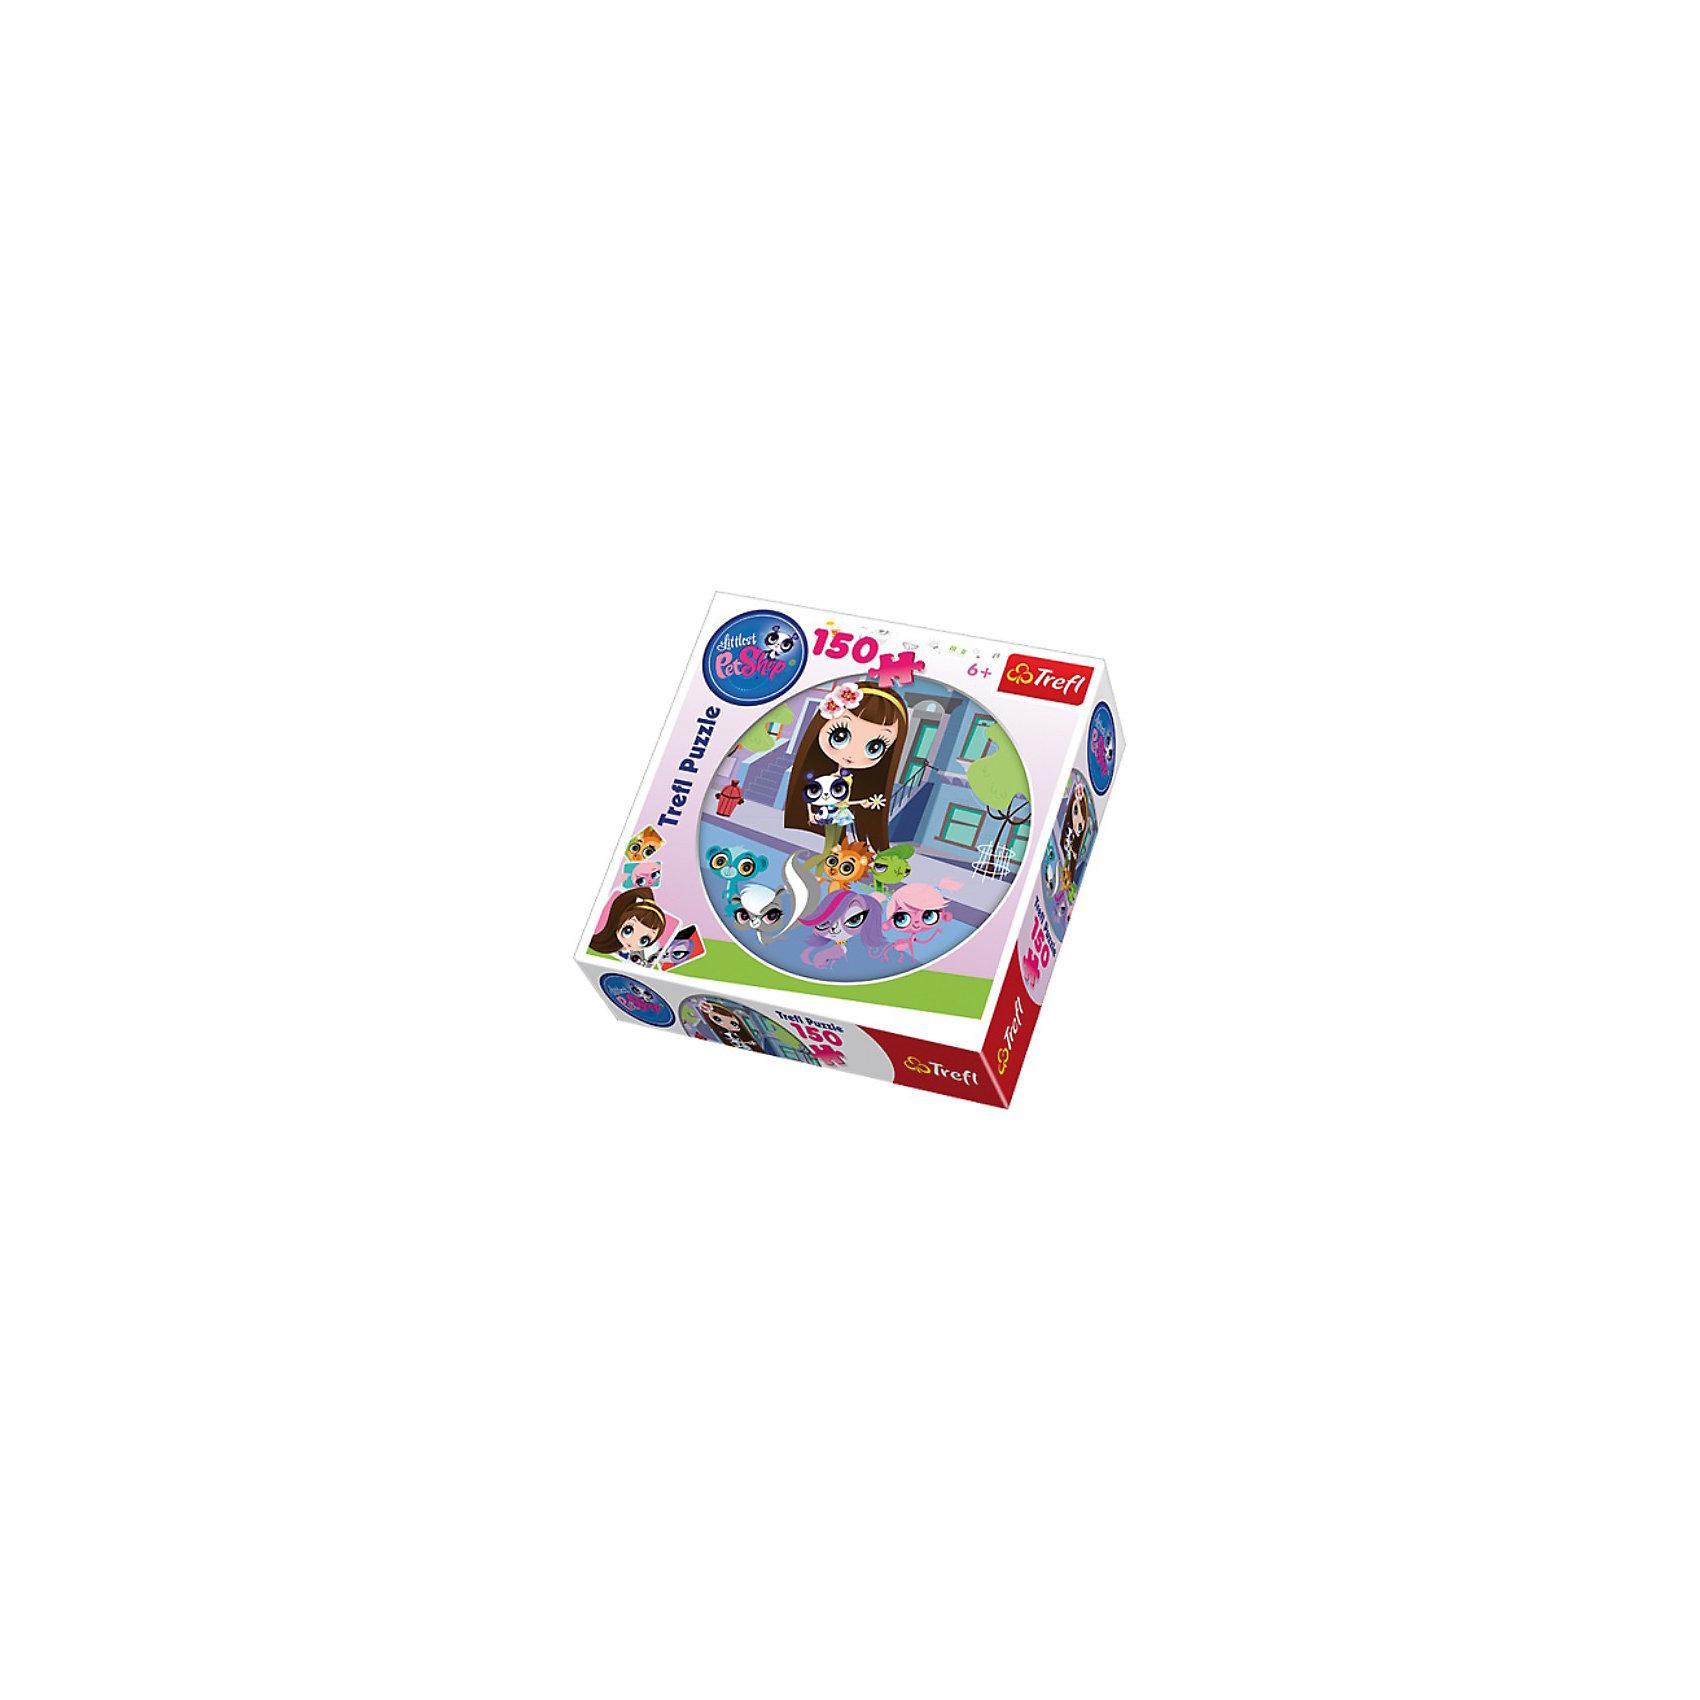 Trefl Пазл  Зоомагазин на прогулке, 150 деталей, Littlest Pet Shop игровые наборы littlest pet shop стильный зоомагазин